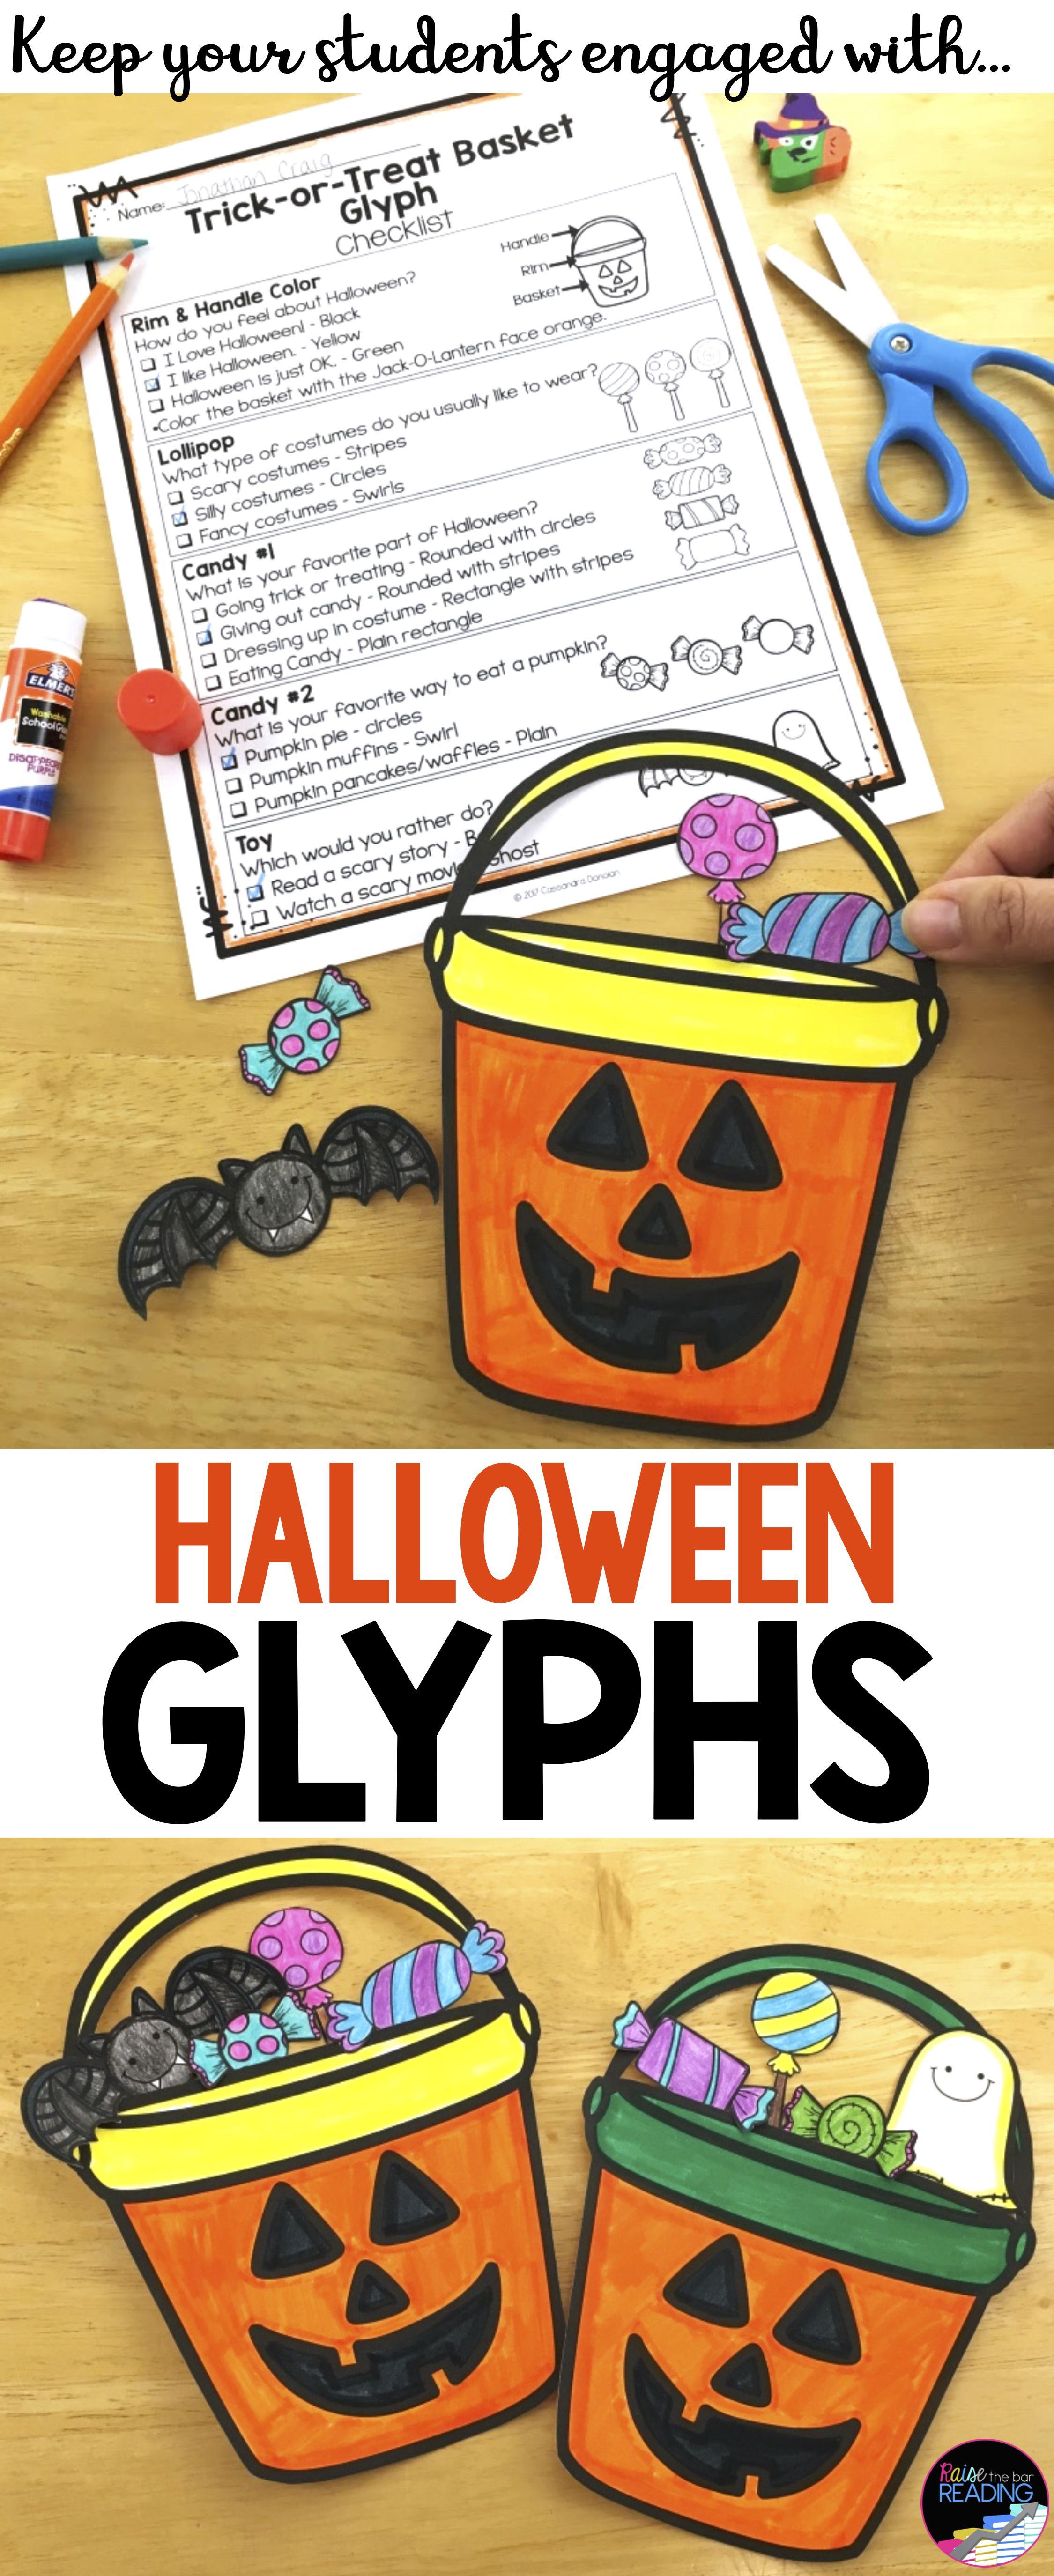 Halloween Activities And Glyphs Halloween Crafts